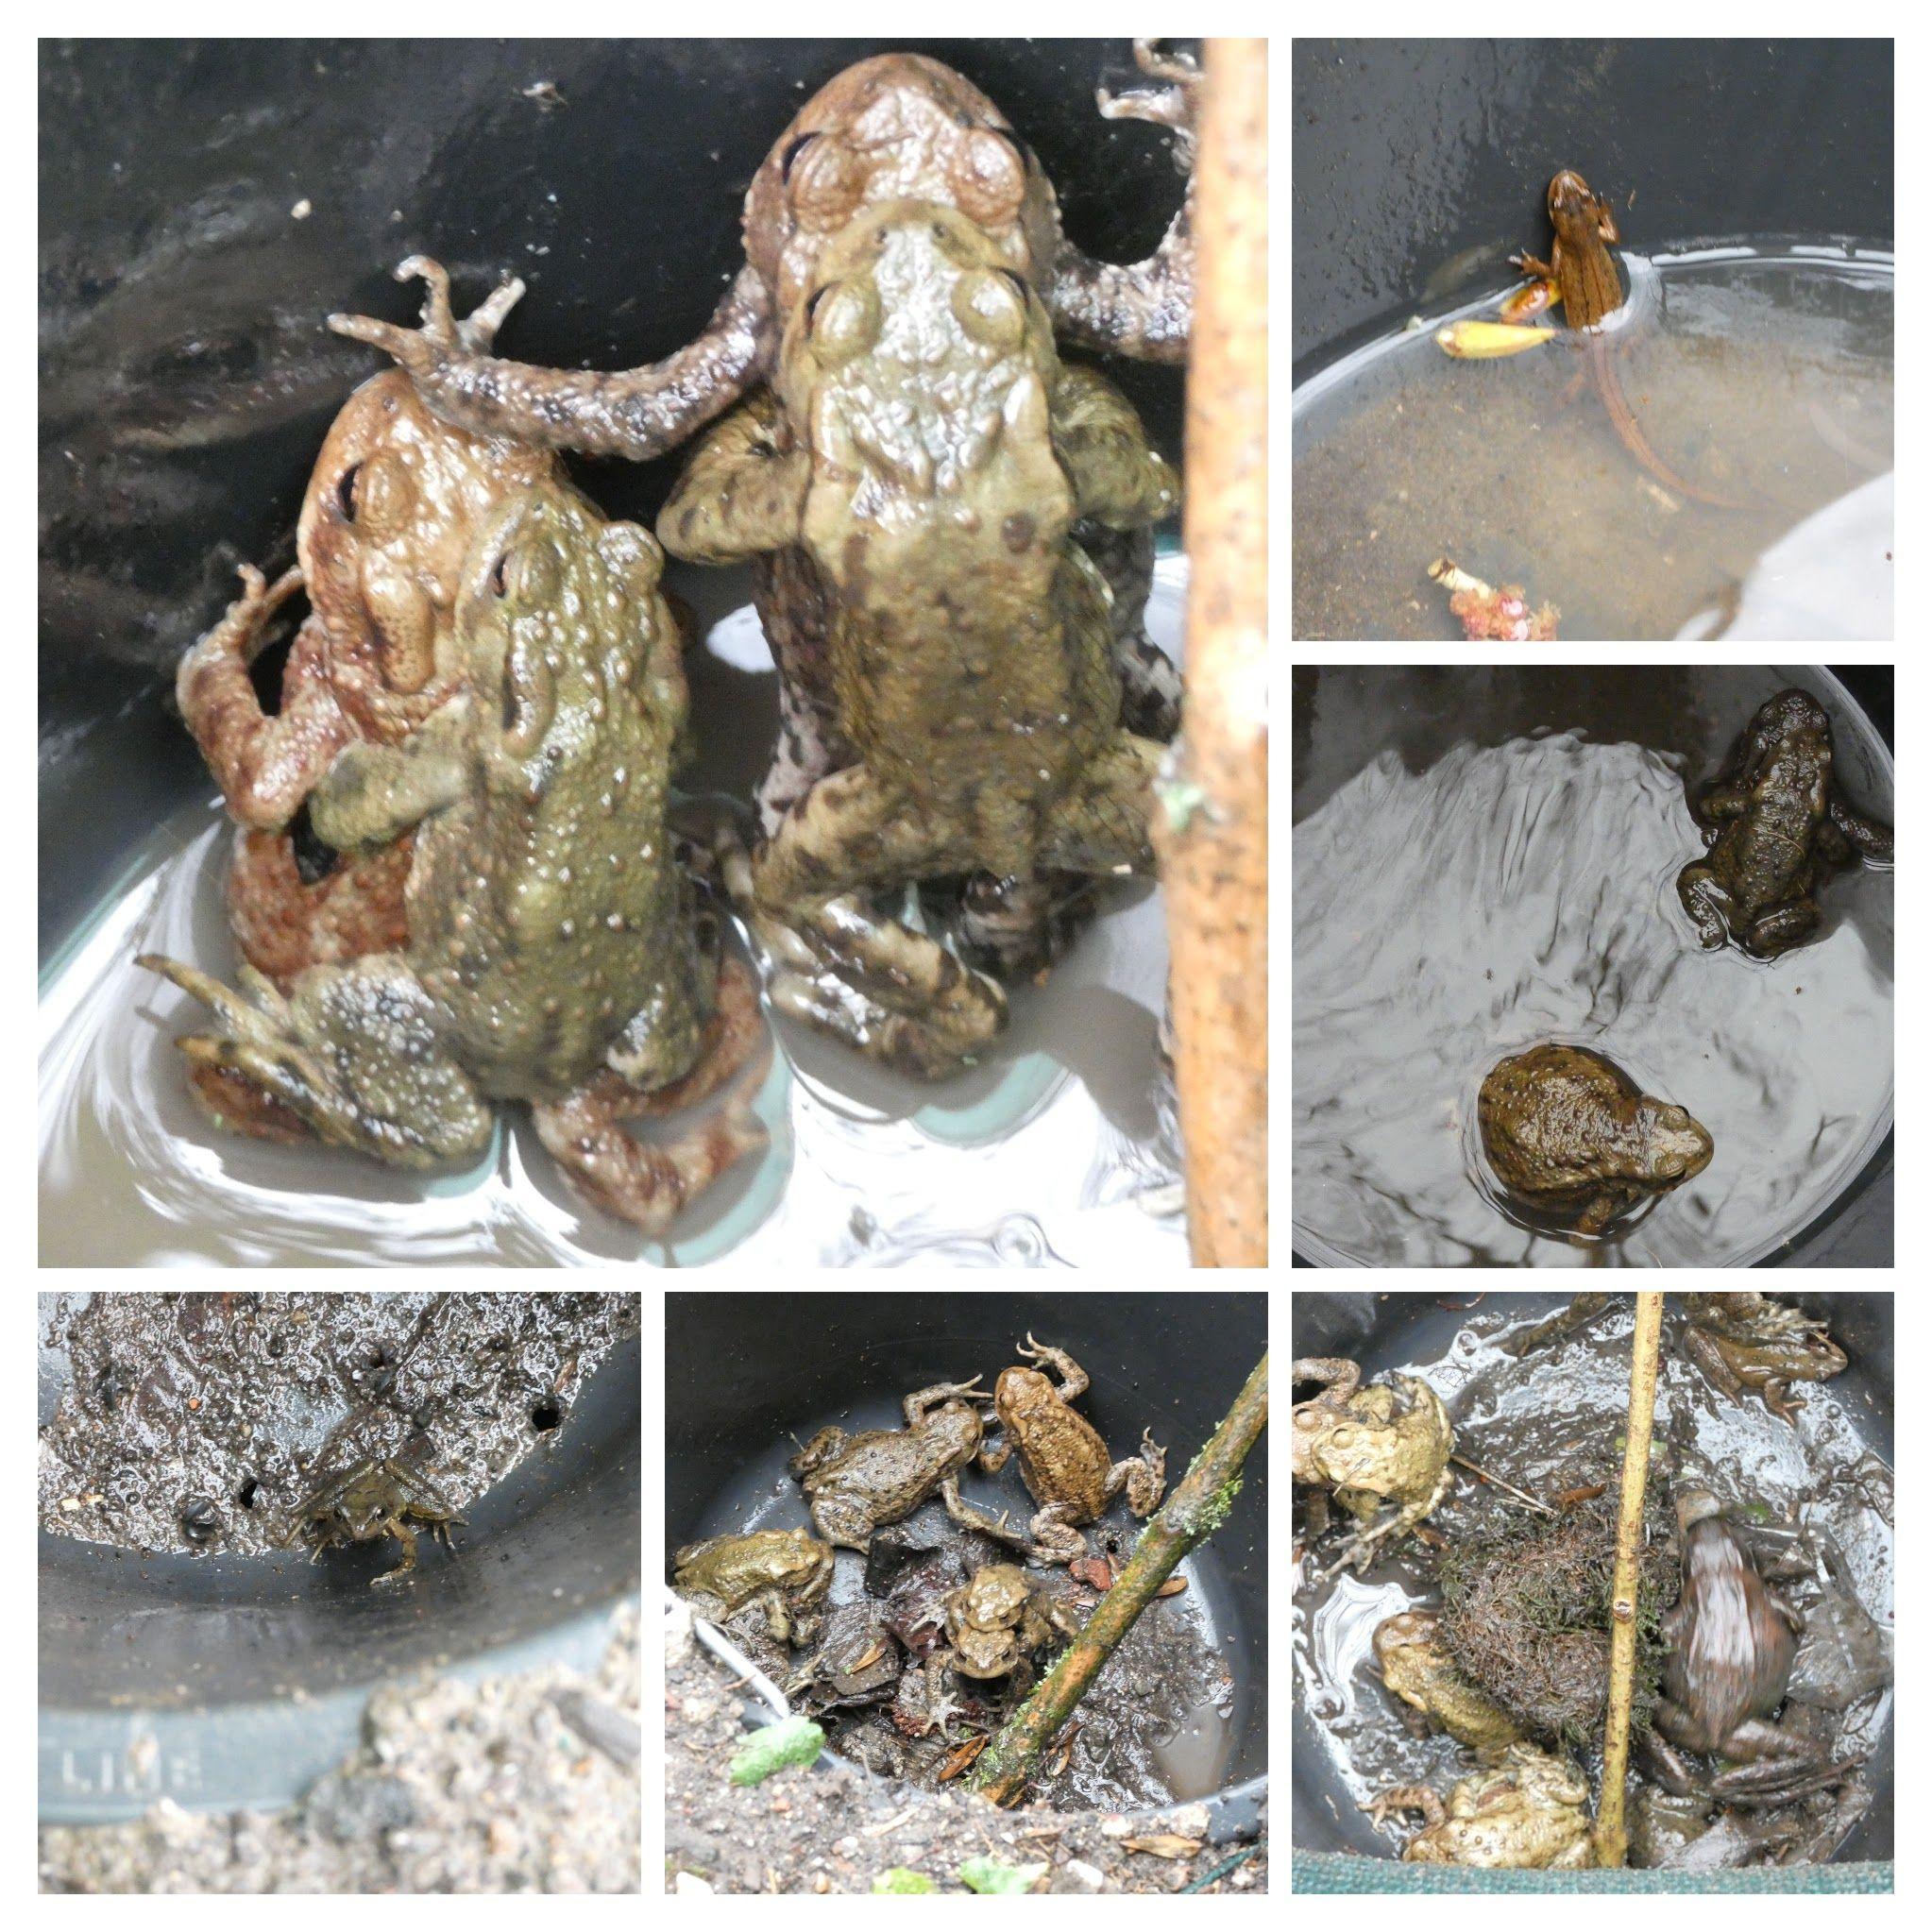 Full Size of Amphibienschutz In Herne Unterwegs Am Krtenzaun 40 Was Lange Bullfrog Sofa Wohnzimmer Bullfrog Lulu